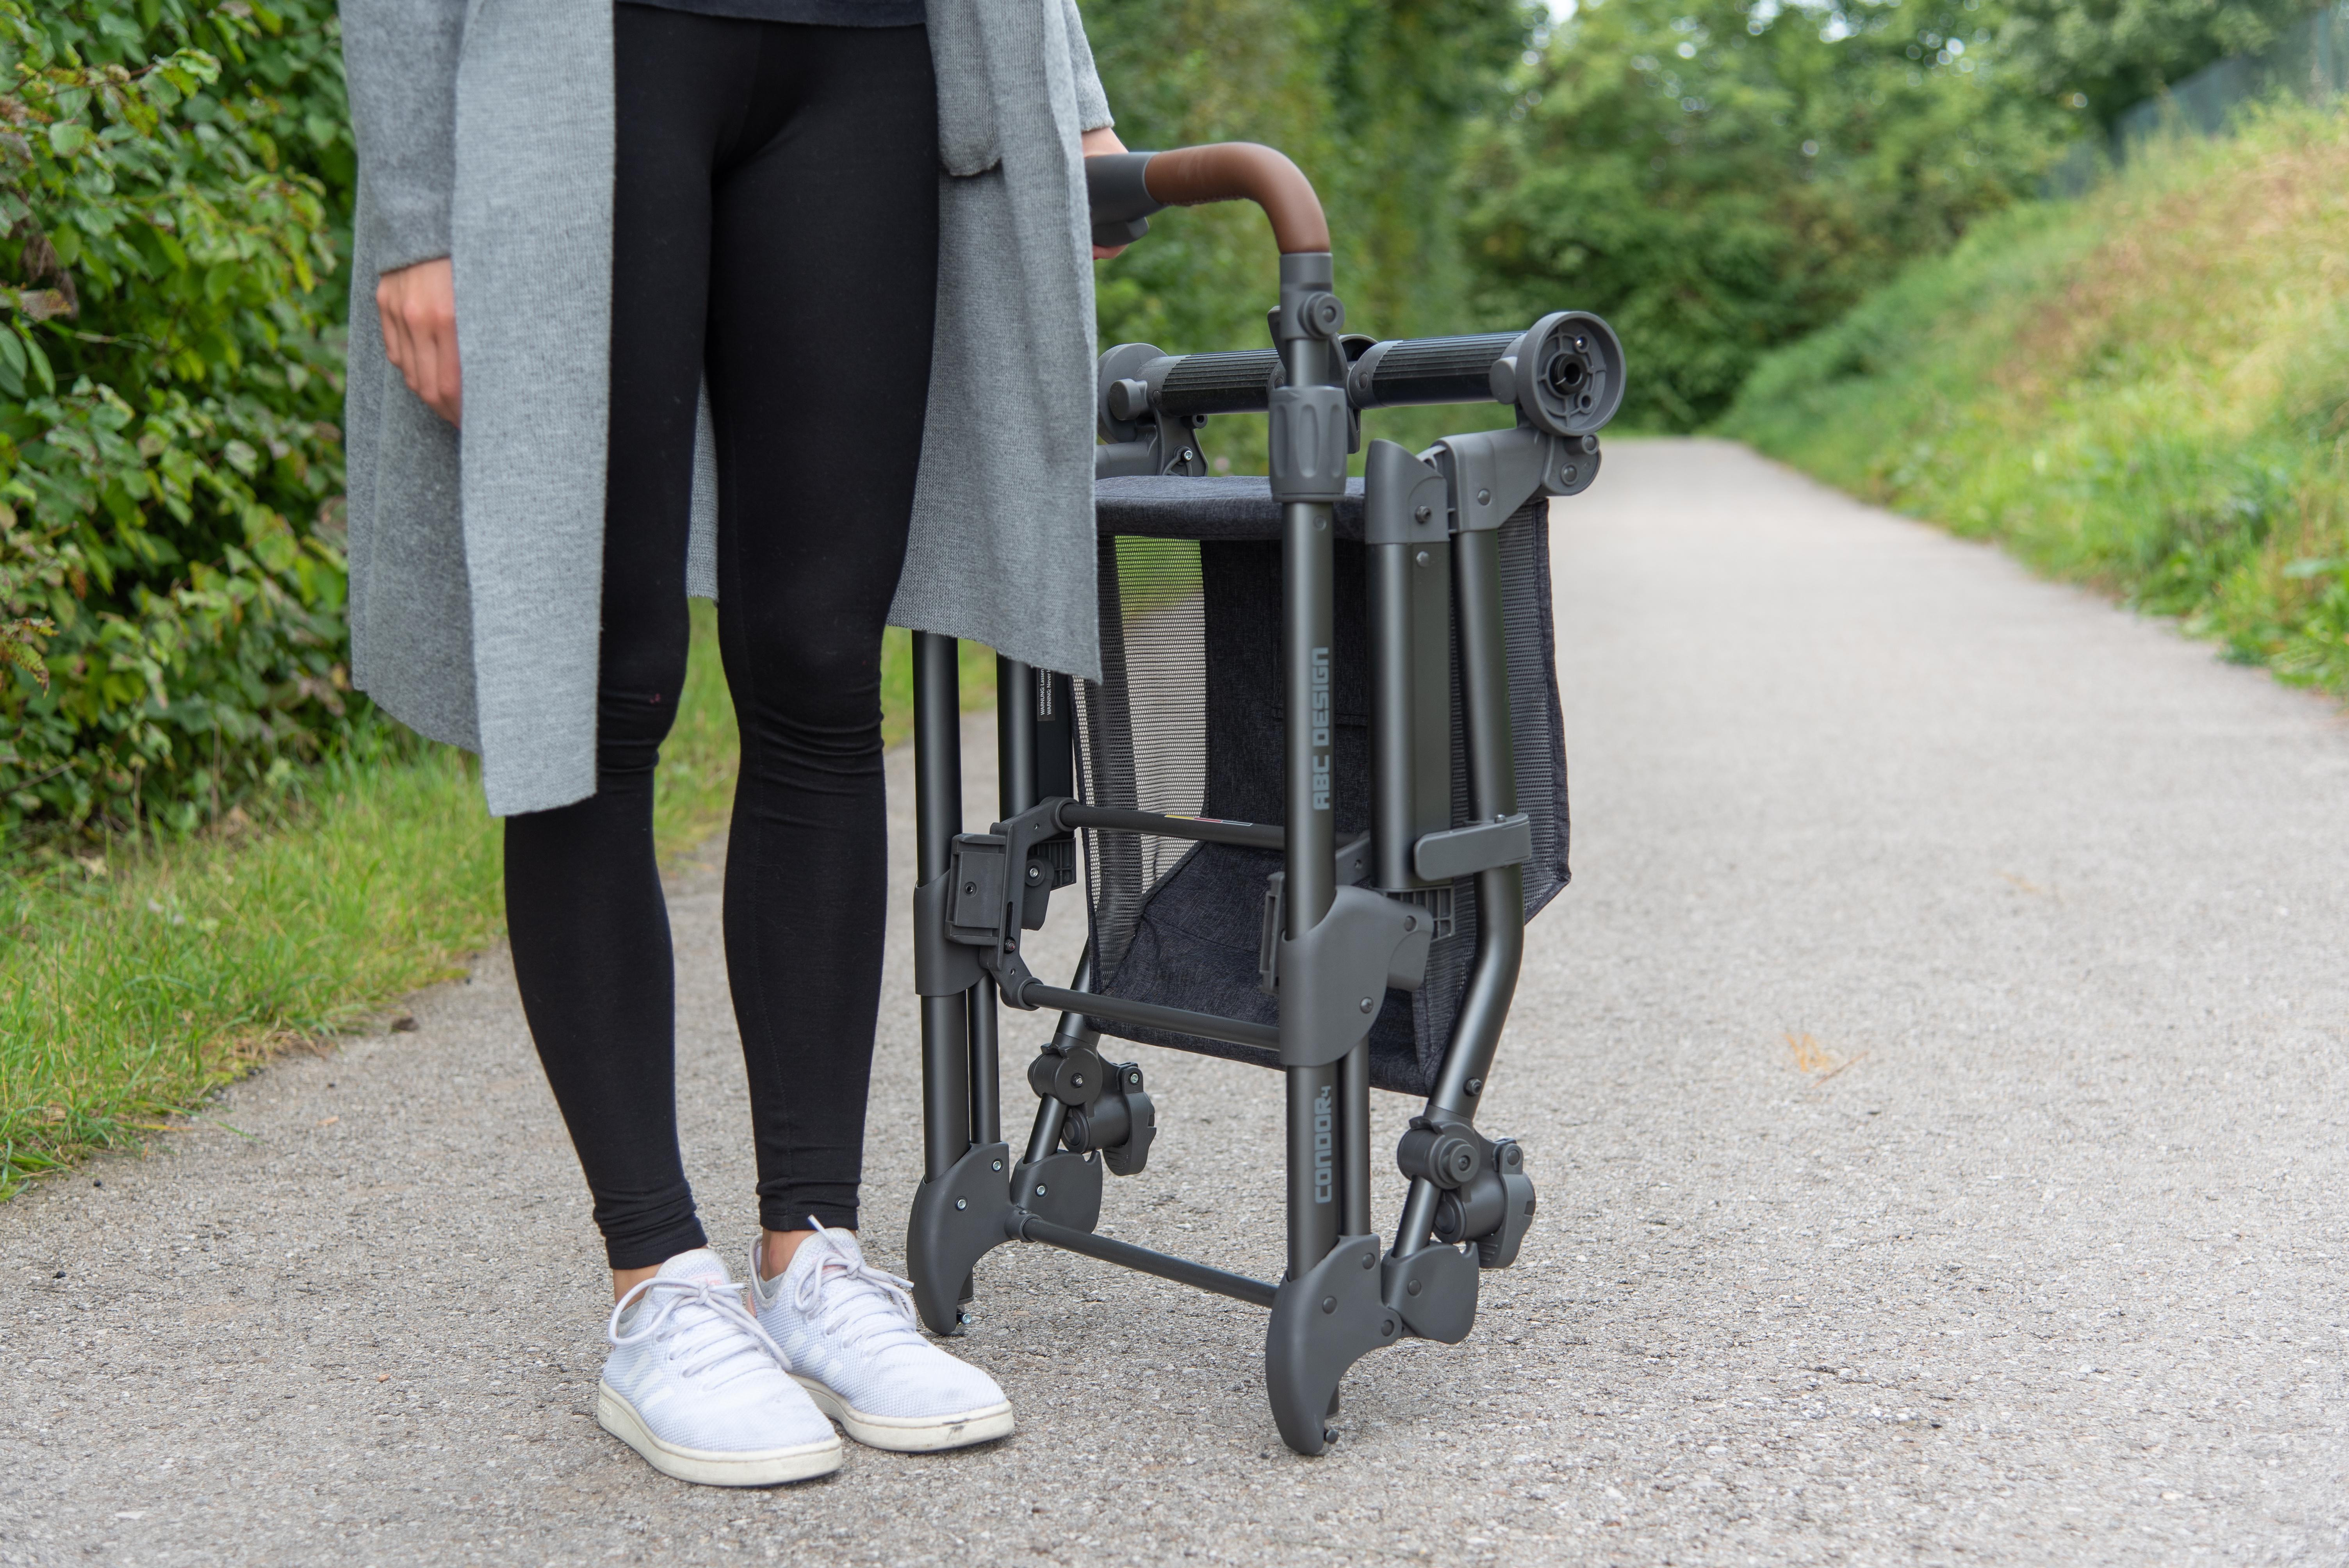 ABC Design Condor 4 Kombi-Kinderwagen: zusammengeklapptes Gestell ohne Räder